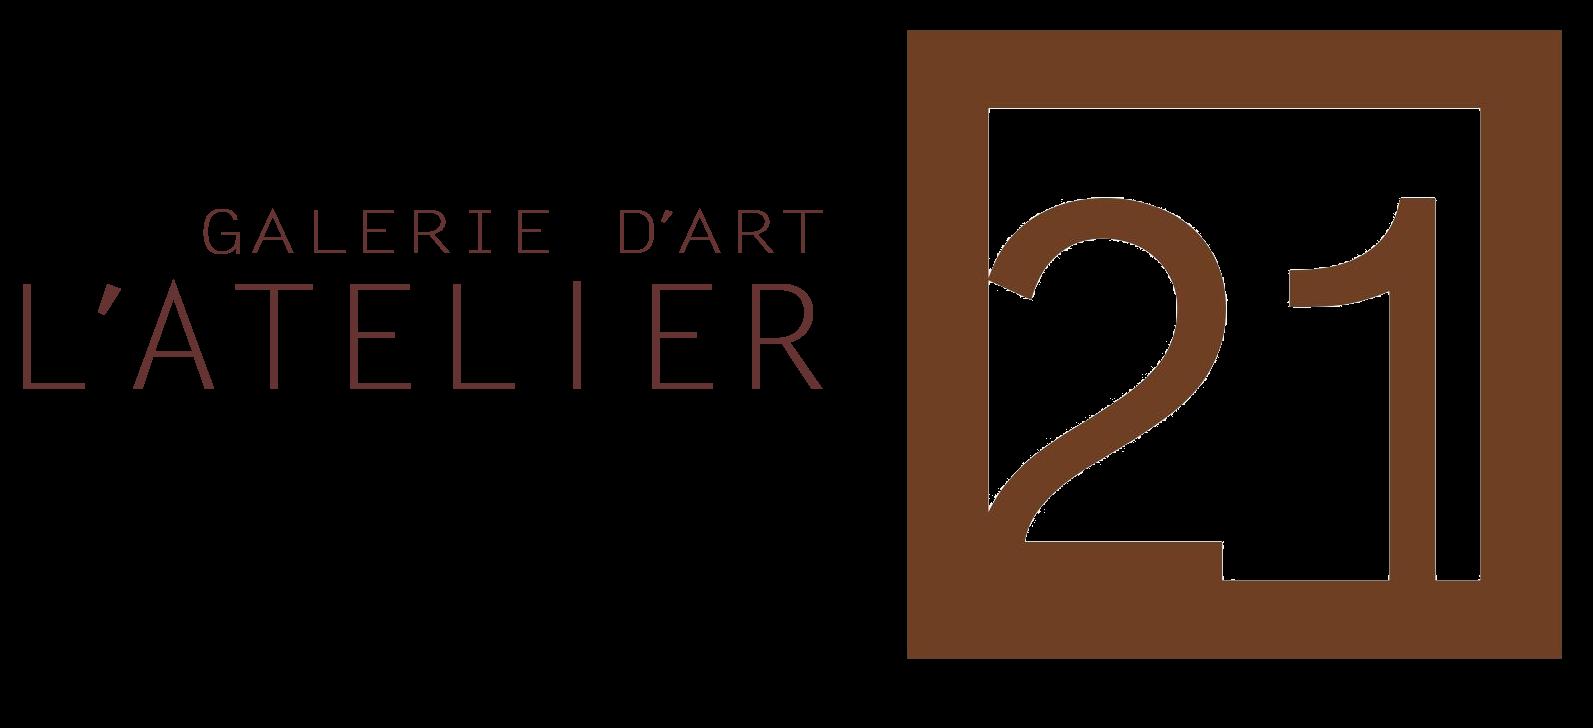 Galerie d'art L'Atelier 21 - Casablanca - Maroc | L'Atelier 21